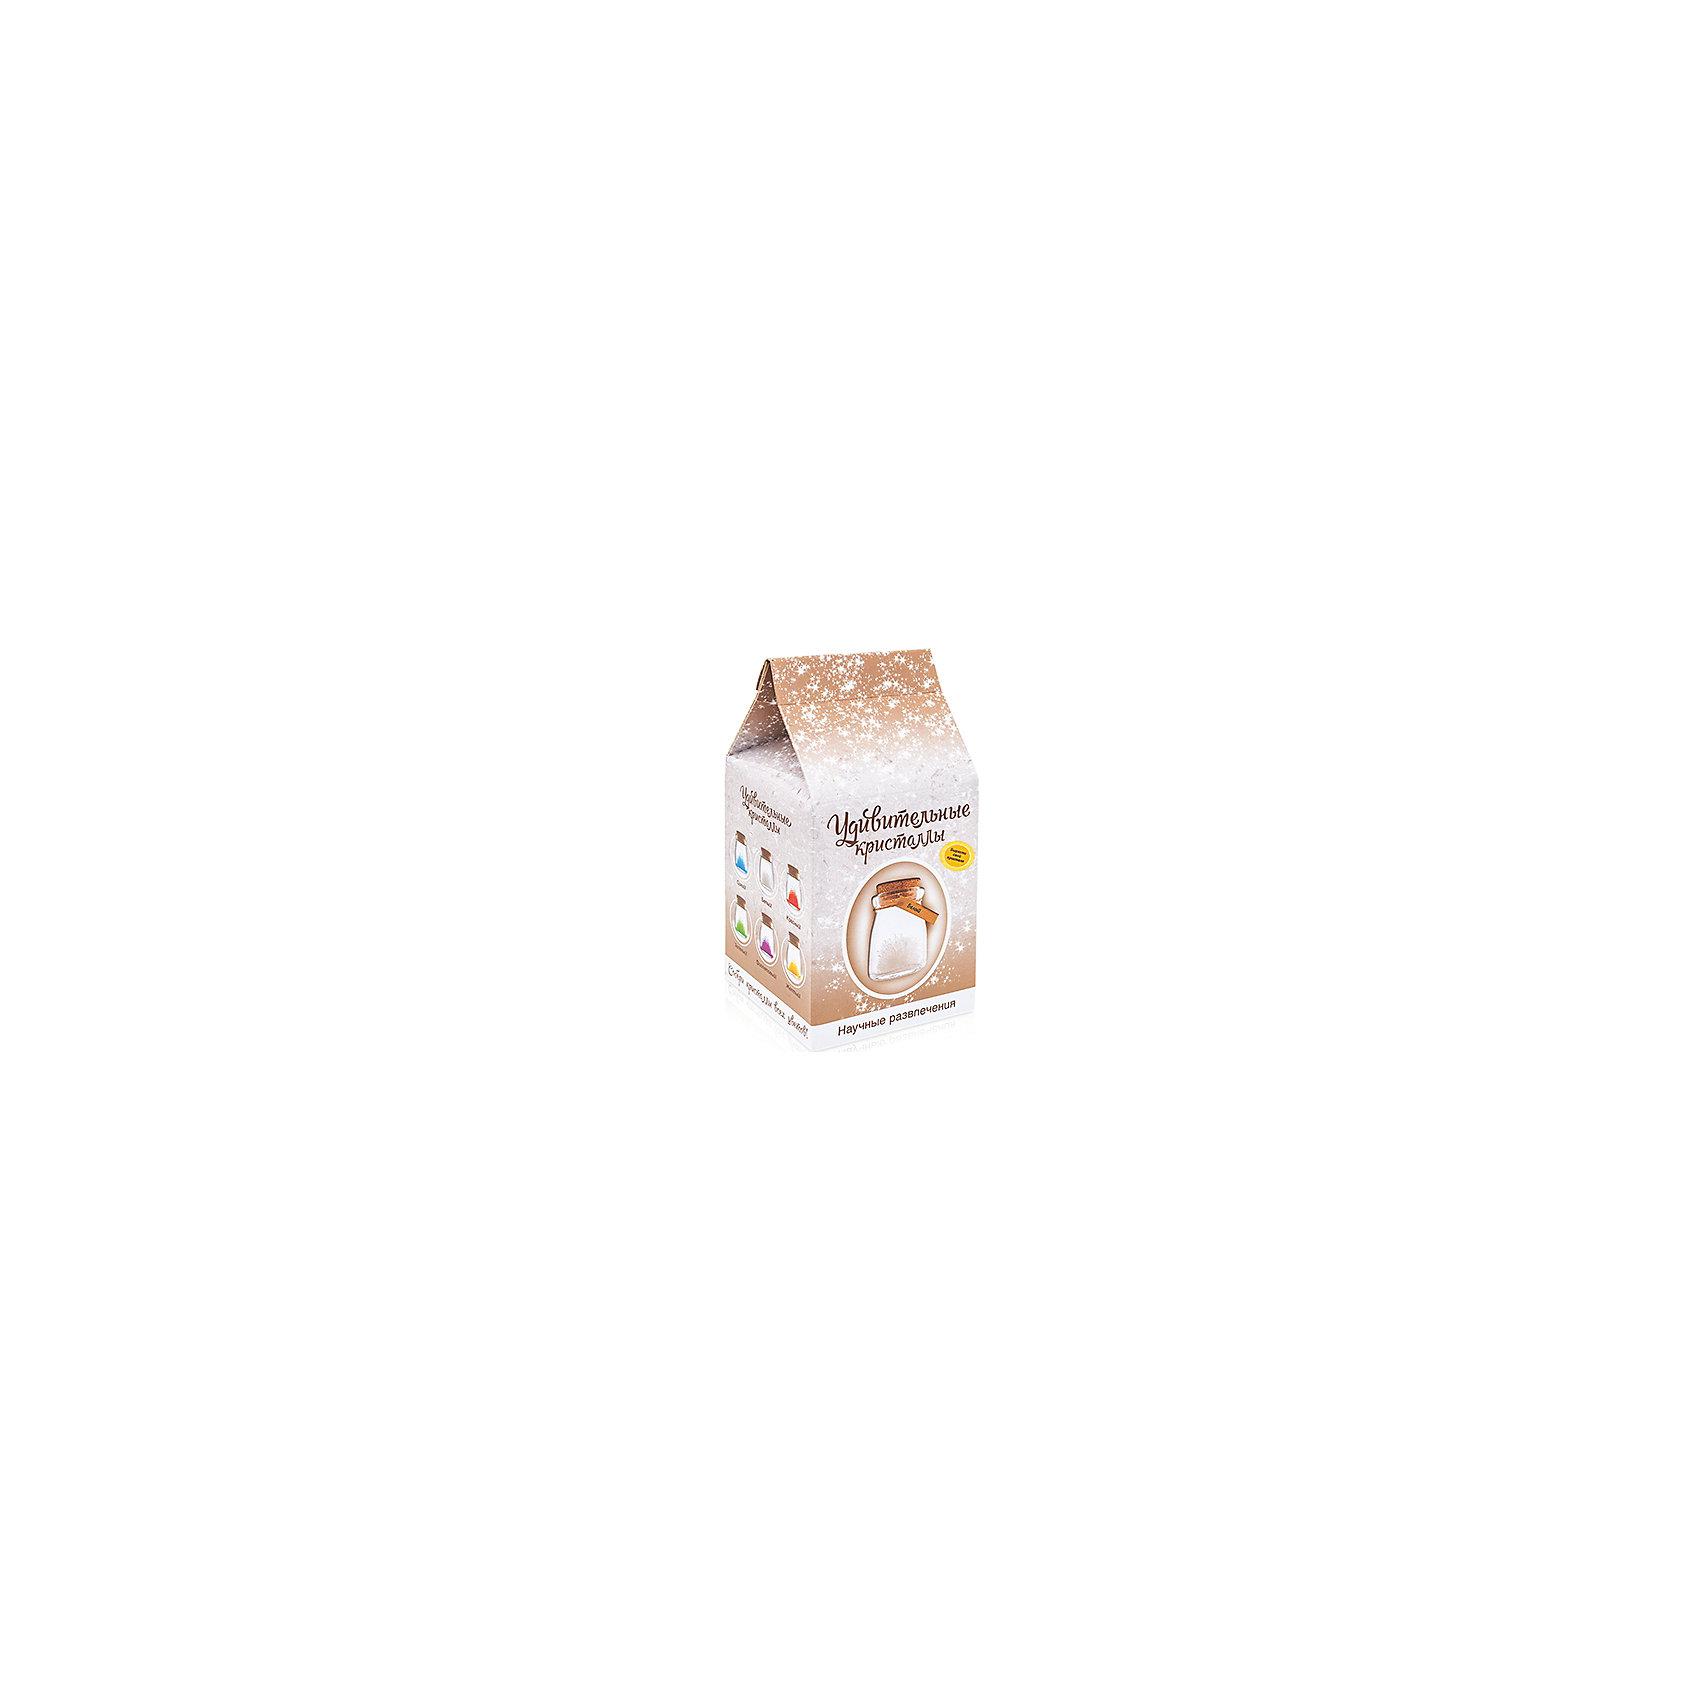 Набор для выращивания кристаллов Удивительный кристалл - Белый БумбарамВыращивание кристаллов<br>Удивительный кристалл - Белый, Бумбарам<br><br>Характеристики:<br><br>• прост в использовании<br>• пошаговая инструкция<br>• безопасные материалы<br>• привлекательная упаковка <br>• можно следить за процессом<br>• в наборе: баночка, кристаллический порошок, кристаллическая таблетка, палочка, веревочка, пробка, карточка, инструкция<br>• размер упаковки: 15х8 см<br>• вес: 250 грамм<br>• цвет: синий<br><br>Удивительный кристалл - набор для творчества. Он хорошо развивает усидчивость и внимательность. С его помощью ребенок сможет сделать прекрасный подарок своими руками. Инструкция очень проста: нужно налить воды в баночку, добавить в нее порошок и тщательно перемешать. Затем положить волшебную таблетку и закрыть баночку крышкой. Через несколько часов можно снять крышку. Через 14-20 дней волшебный кристалл готов! Готовая композиция особенно красиво смотрится под лампой. Удивительный кристалл - прекрасный выбор для начинающего алхимика!<br><br>Удивительный кристалл - Белый, Бумбарам вы можете приобрести в нашем интернет-магазине.<br><br>Ширина мм: 75<br>Глубина мм: 75<br>Высота мм: 150<br>Вес г: 250<br>Возраст от месяцев: 168<br>Возраст до месяцев: 240<br>Пол: Унисекс<br>Возраст: Детский<br>SKU: 5053951